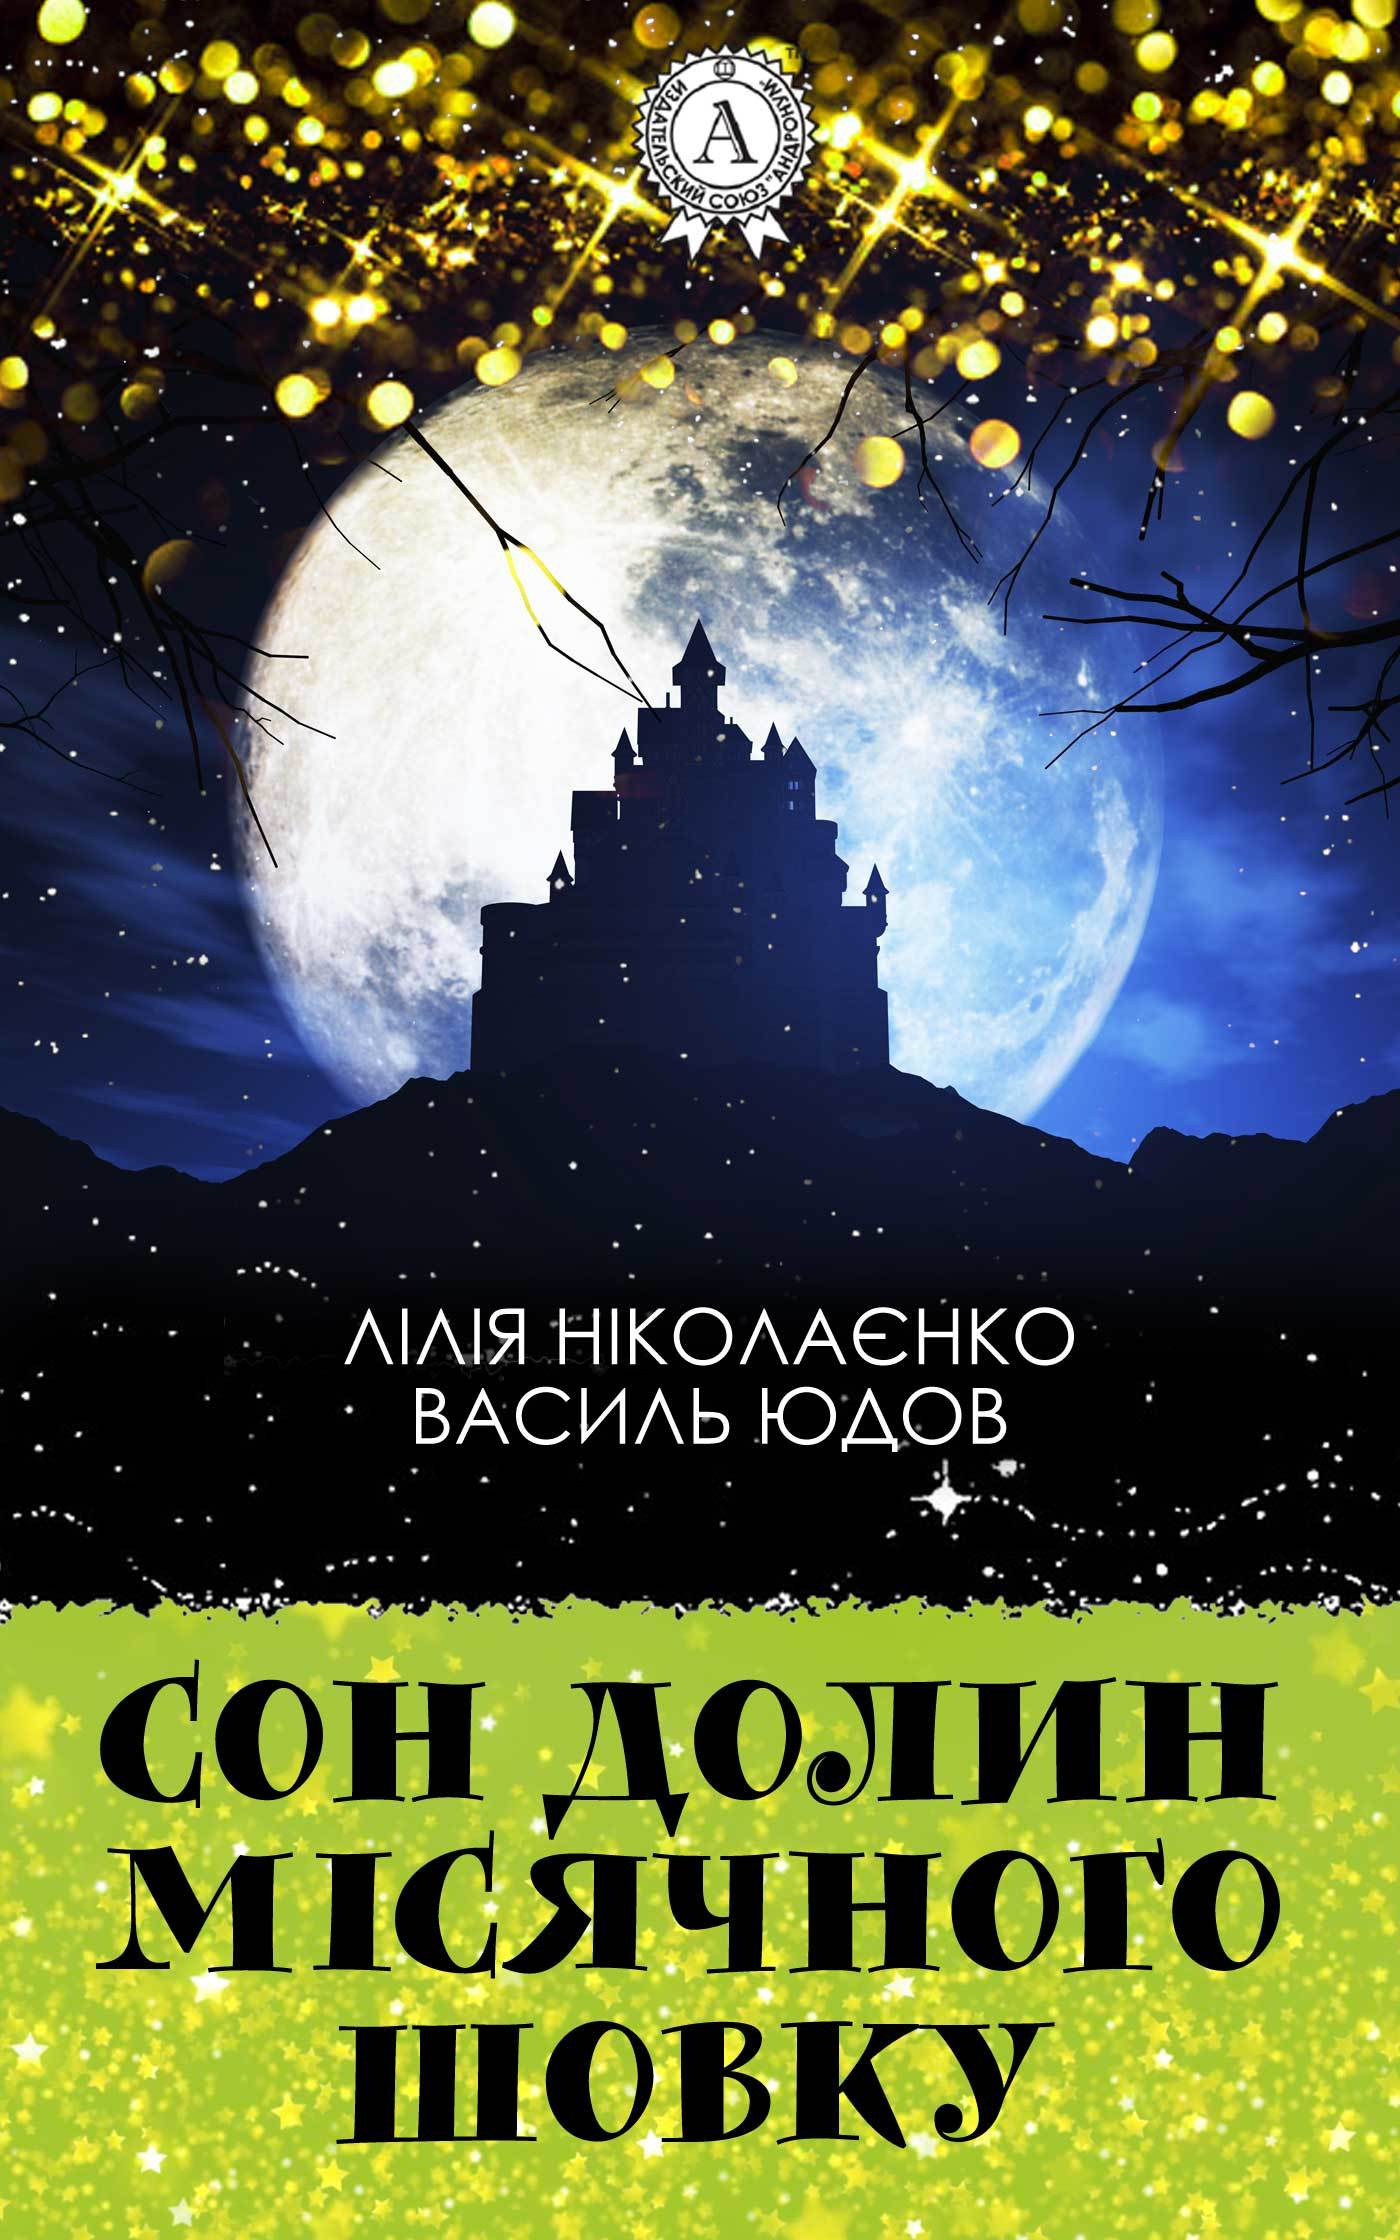 Василь Юдов Сон долин місячного шовку книгу о м бєлікова перлини україни єдина країна